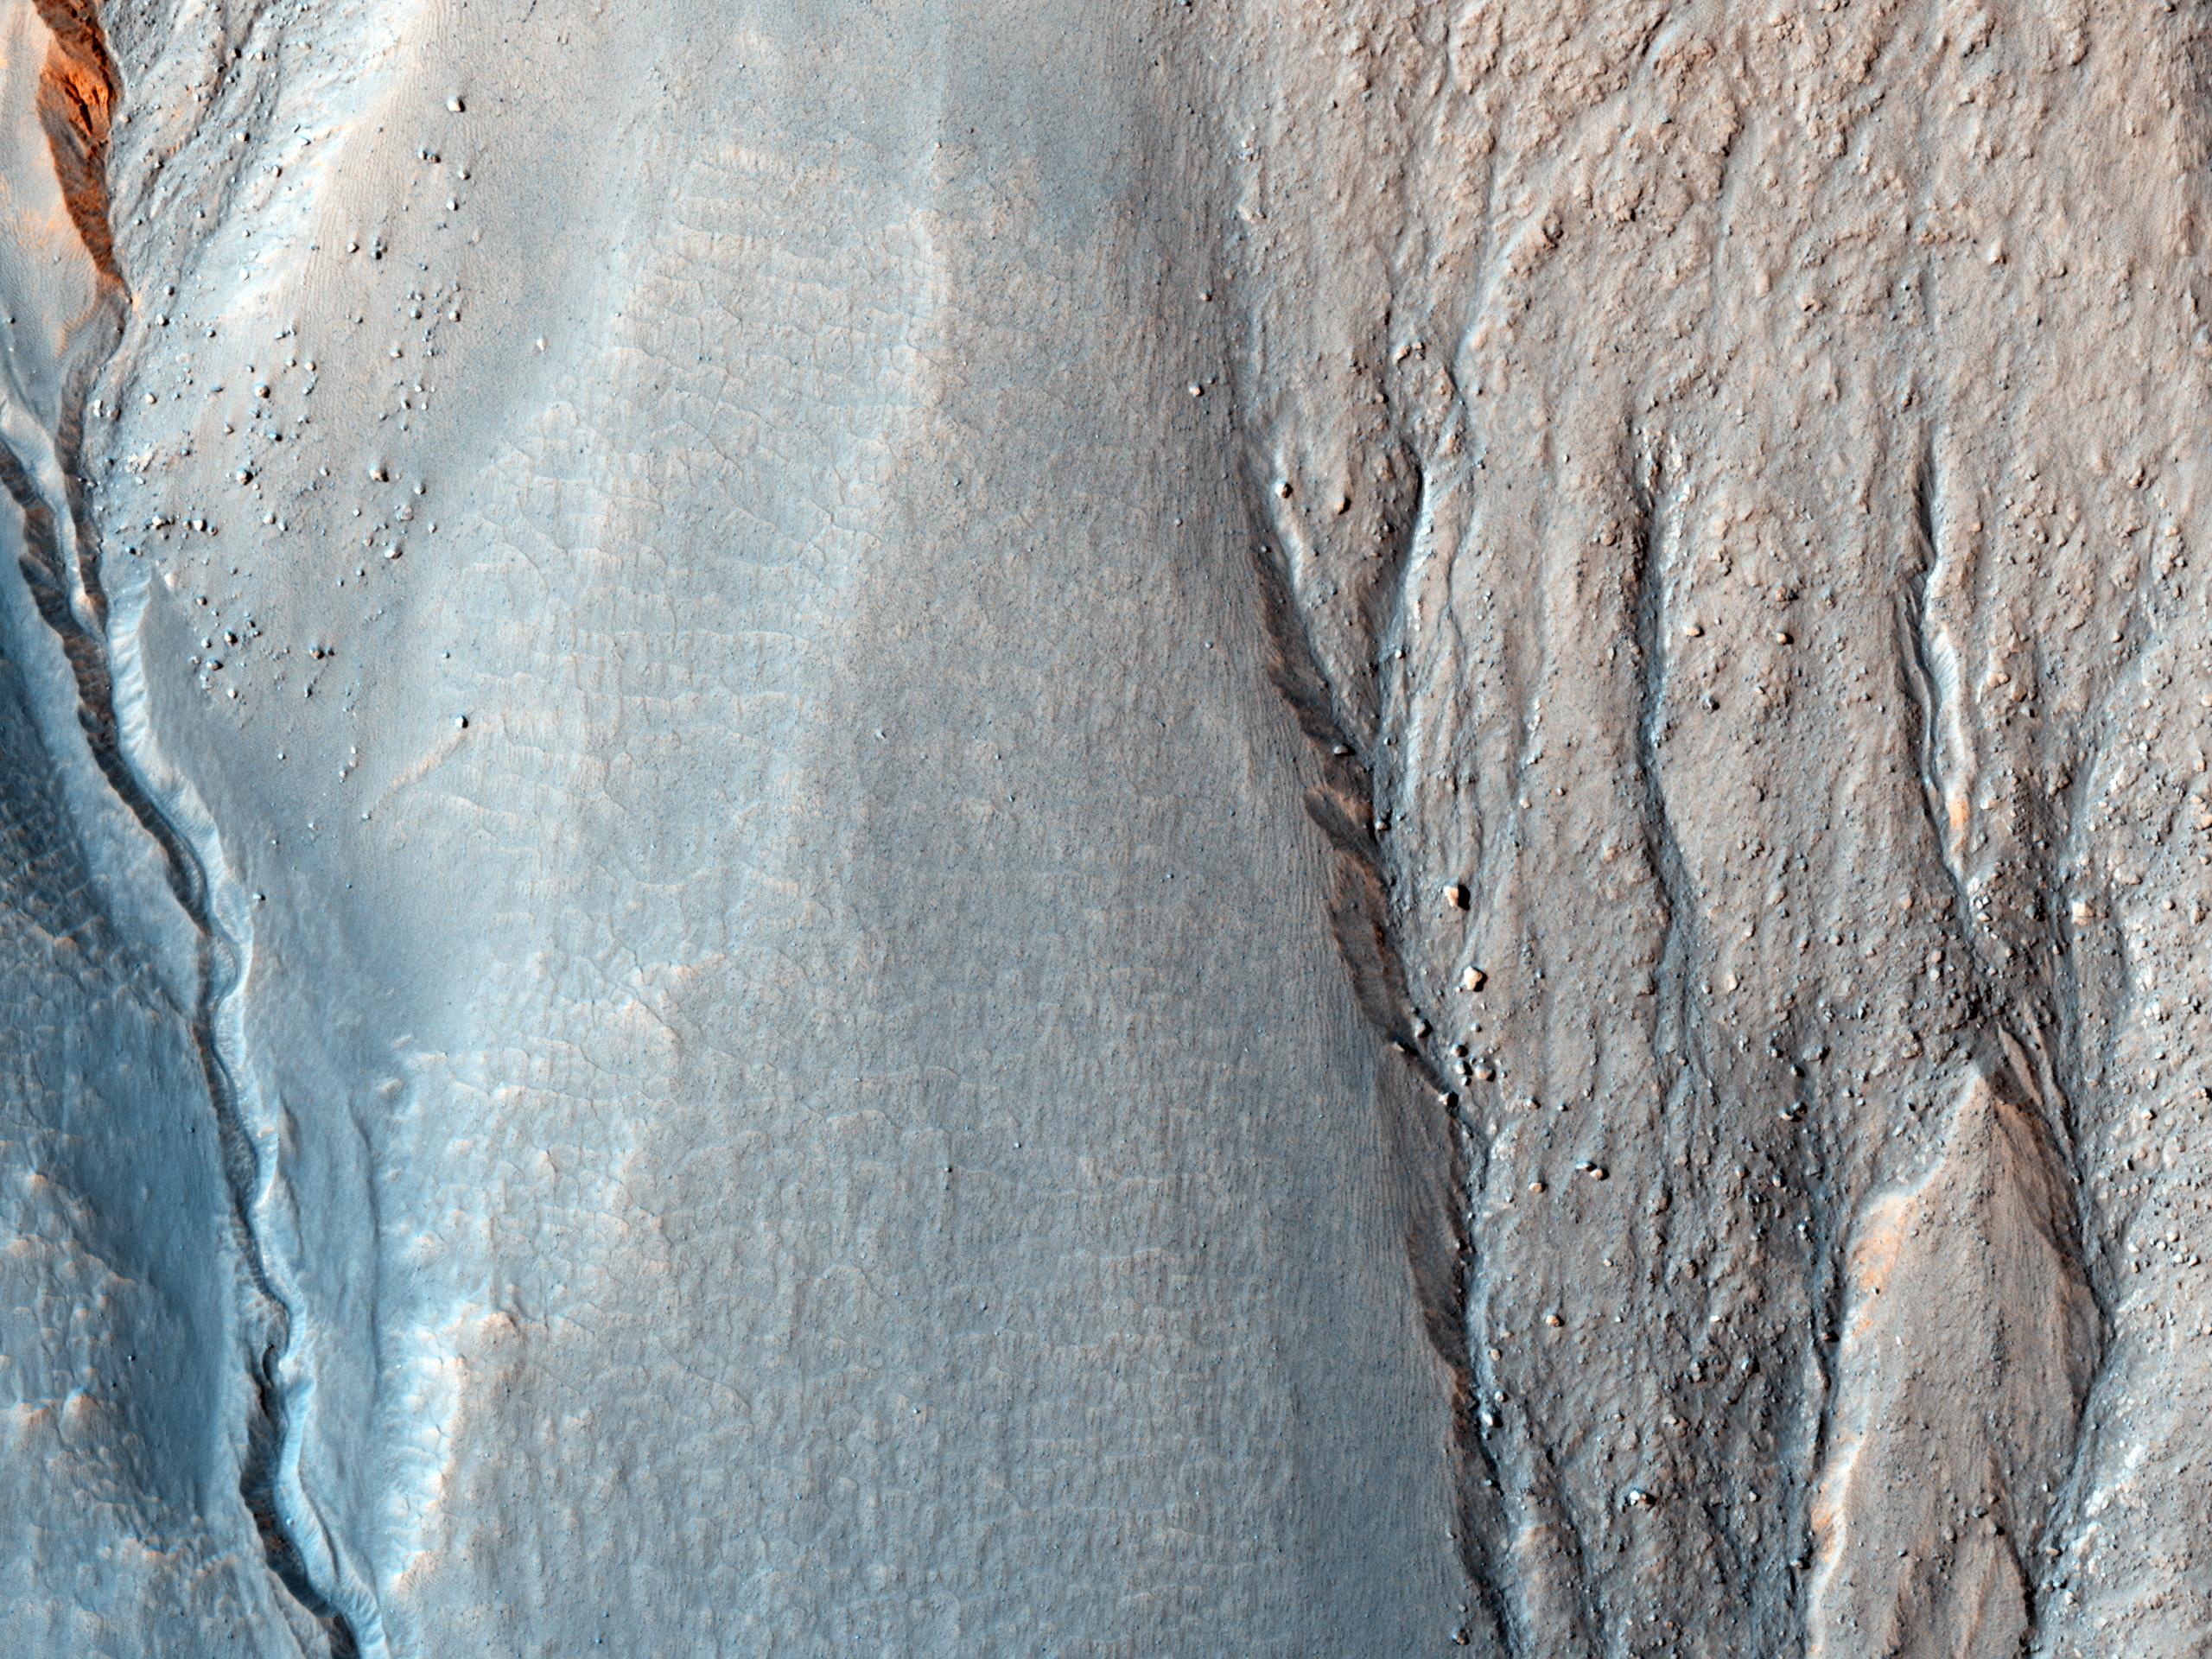 Pareti colorate di calanchi nella Terra Sirenum